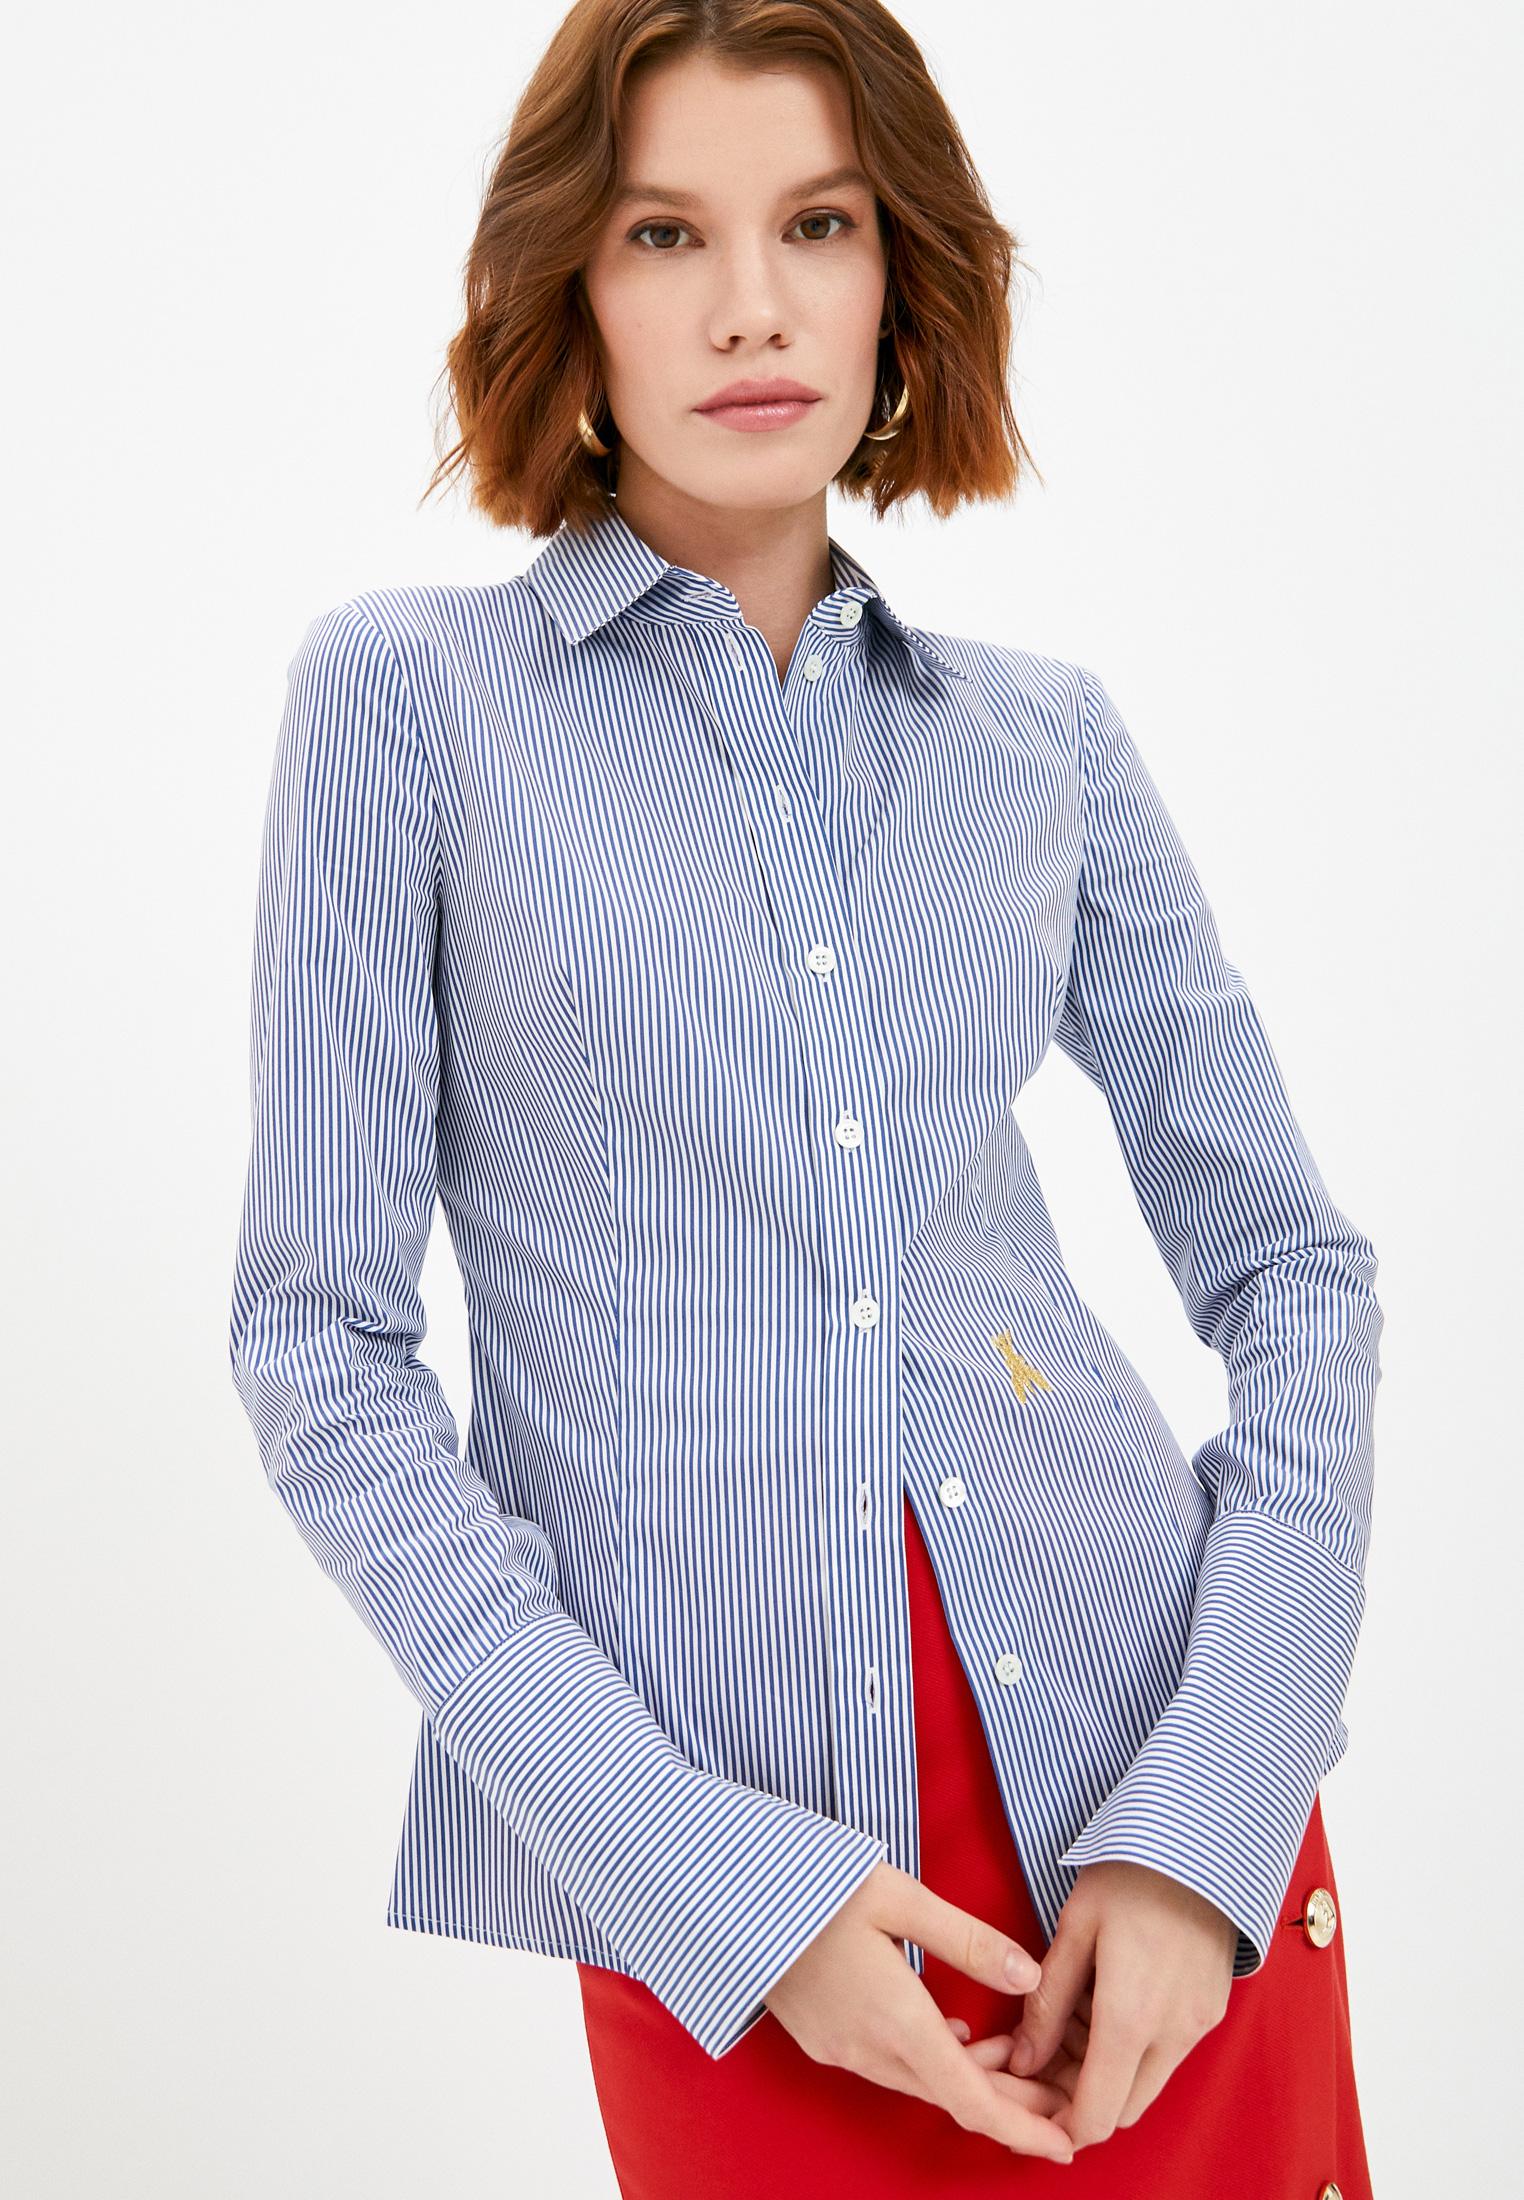 Рубашка Patrizia Pepe (Патриция Пепе) Рубашка Patrizia Pepe